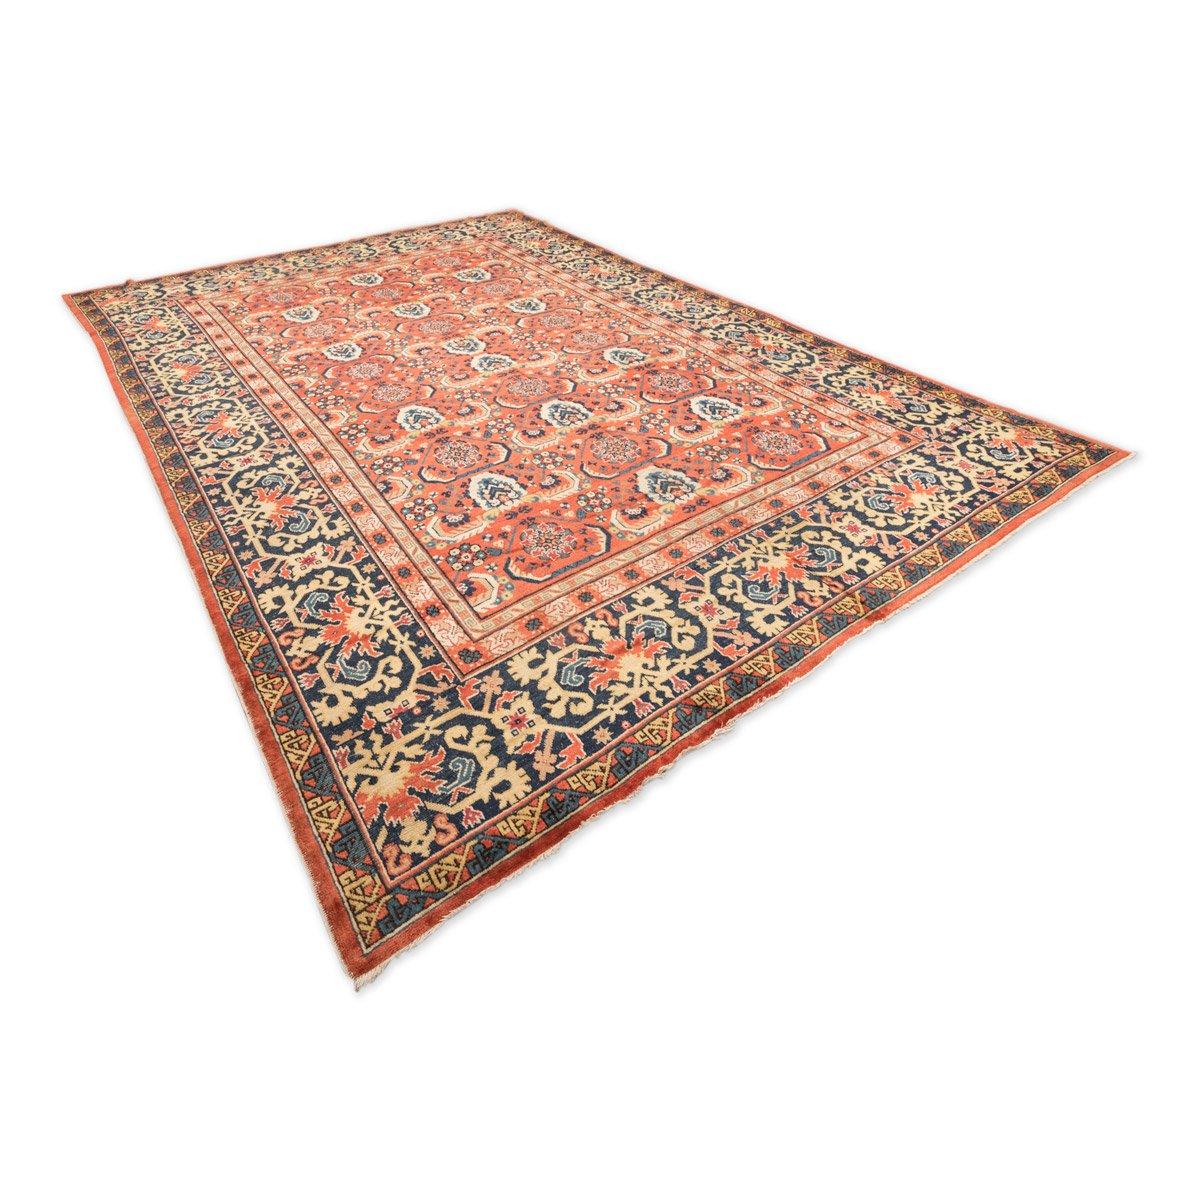 antiker t rkischer teppich mit gei bockhorn geometrischem muster bei pamono kaufen. Black Bedroom Furniture Sets. Home Design Ideas